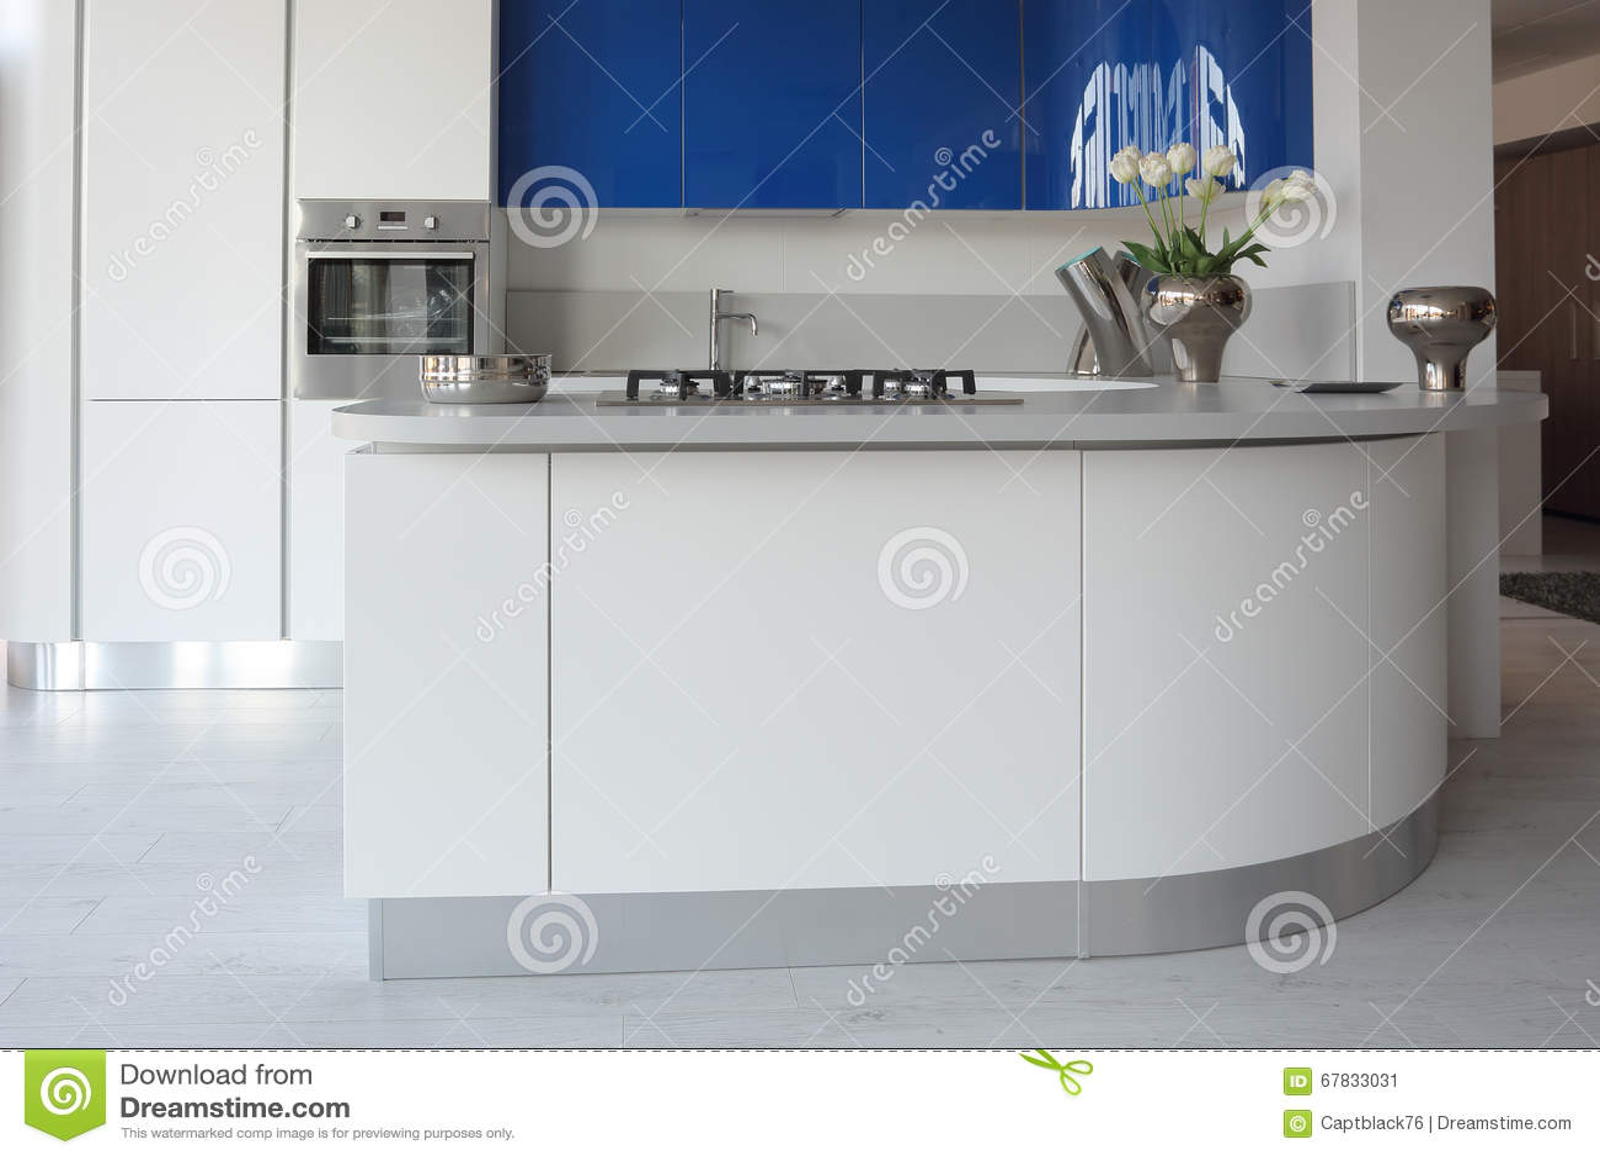 Weiße und blaue Küche stockbild. Bild von sauber, küche - 67833031